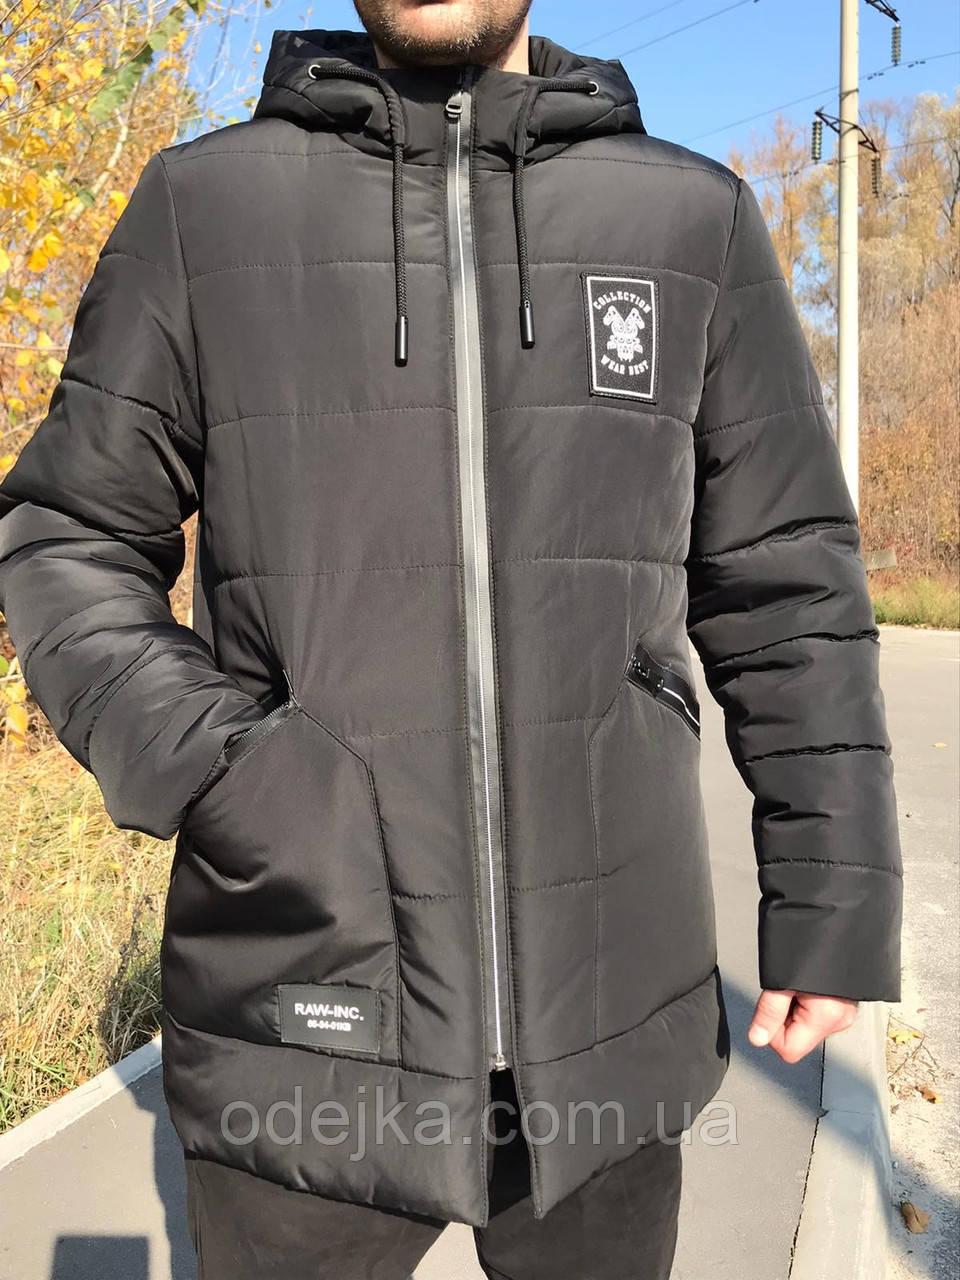 Куртка зимова Мартін